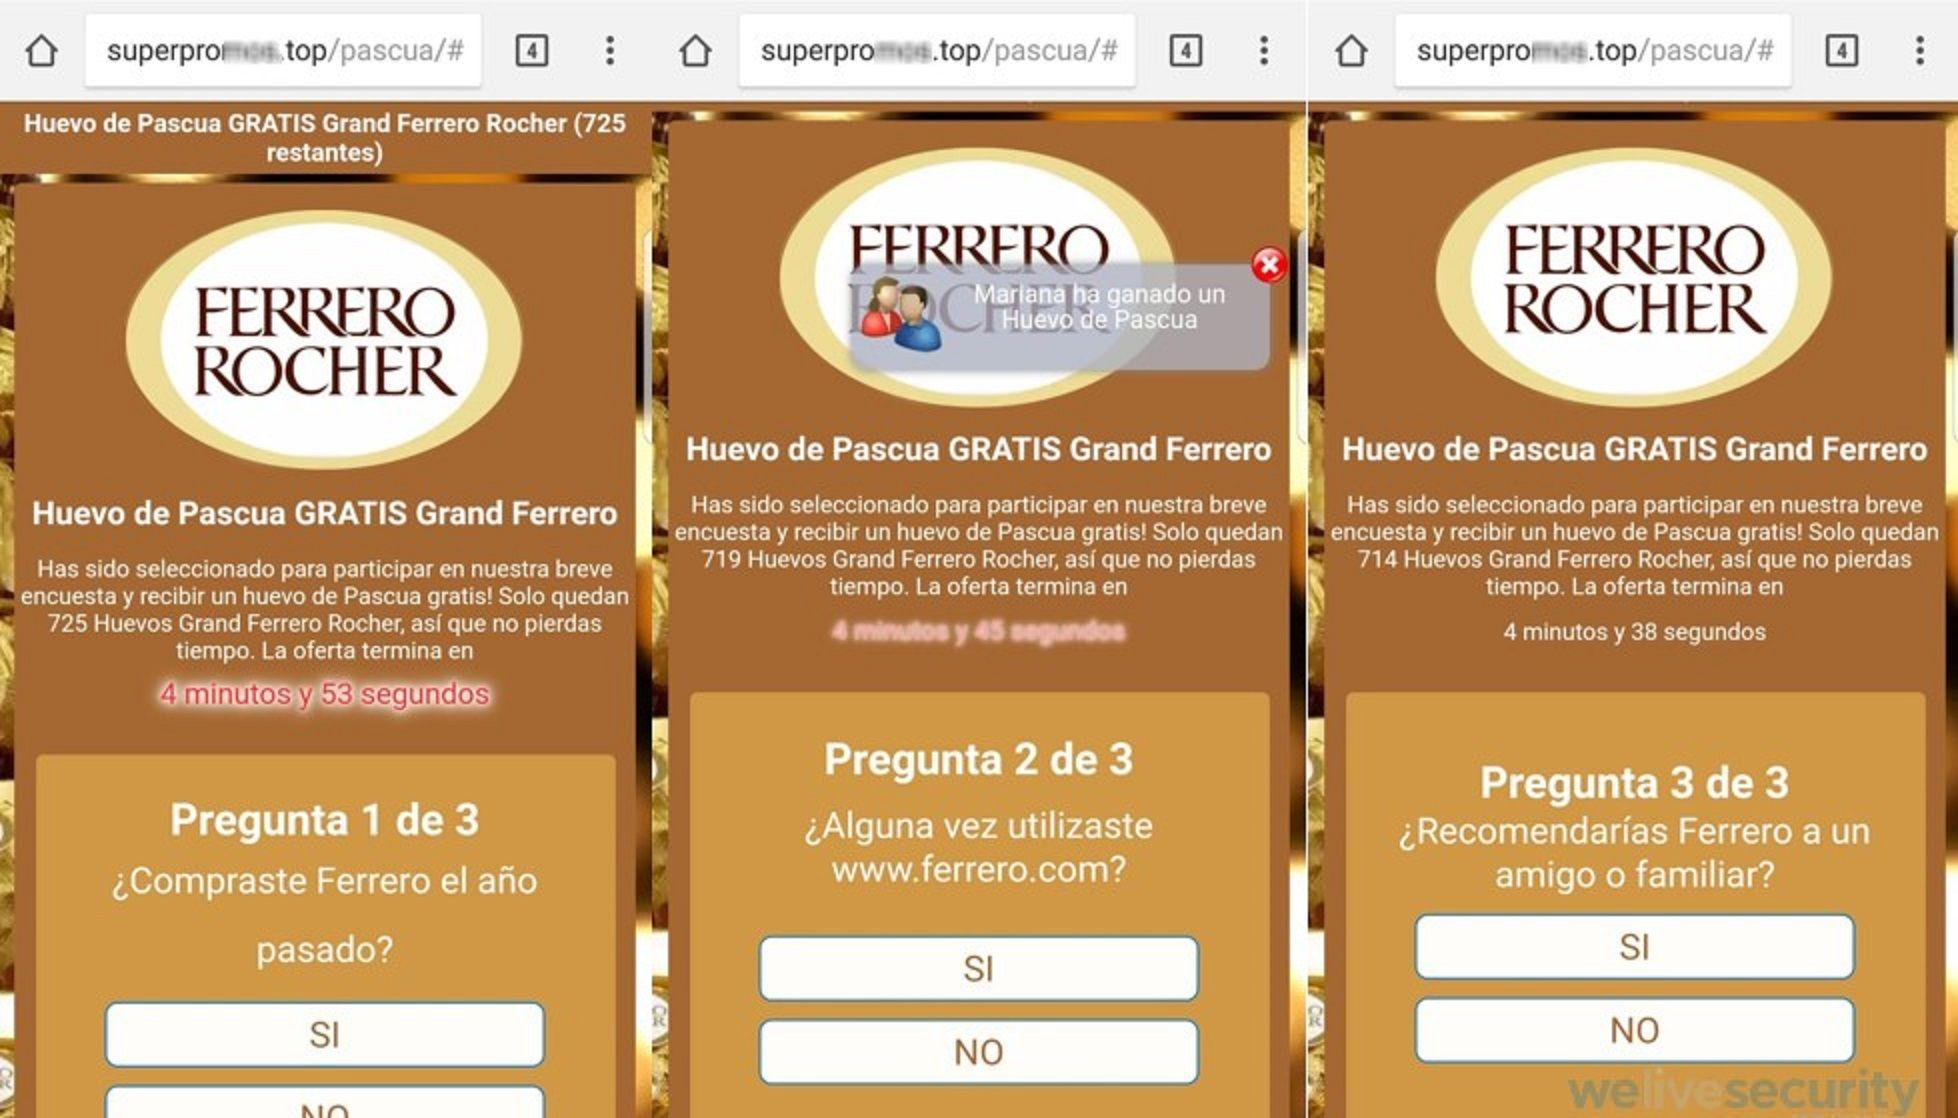 Alertan sobre mensajes de WhatsApp que prometen huevos de Pascua gratis